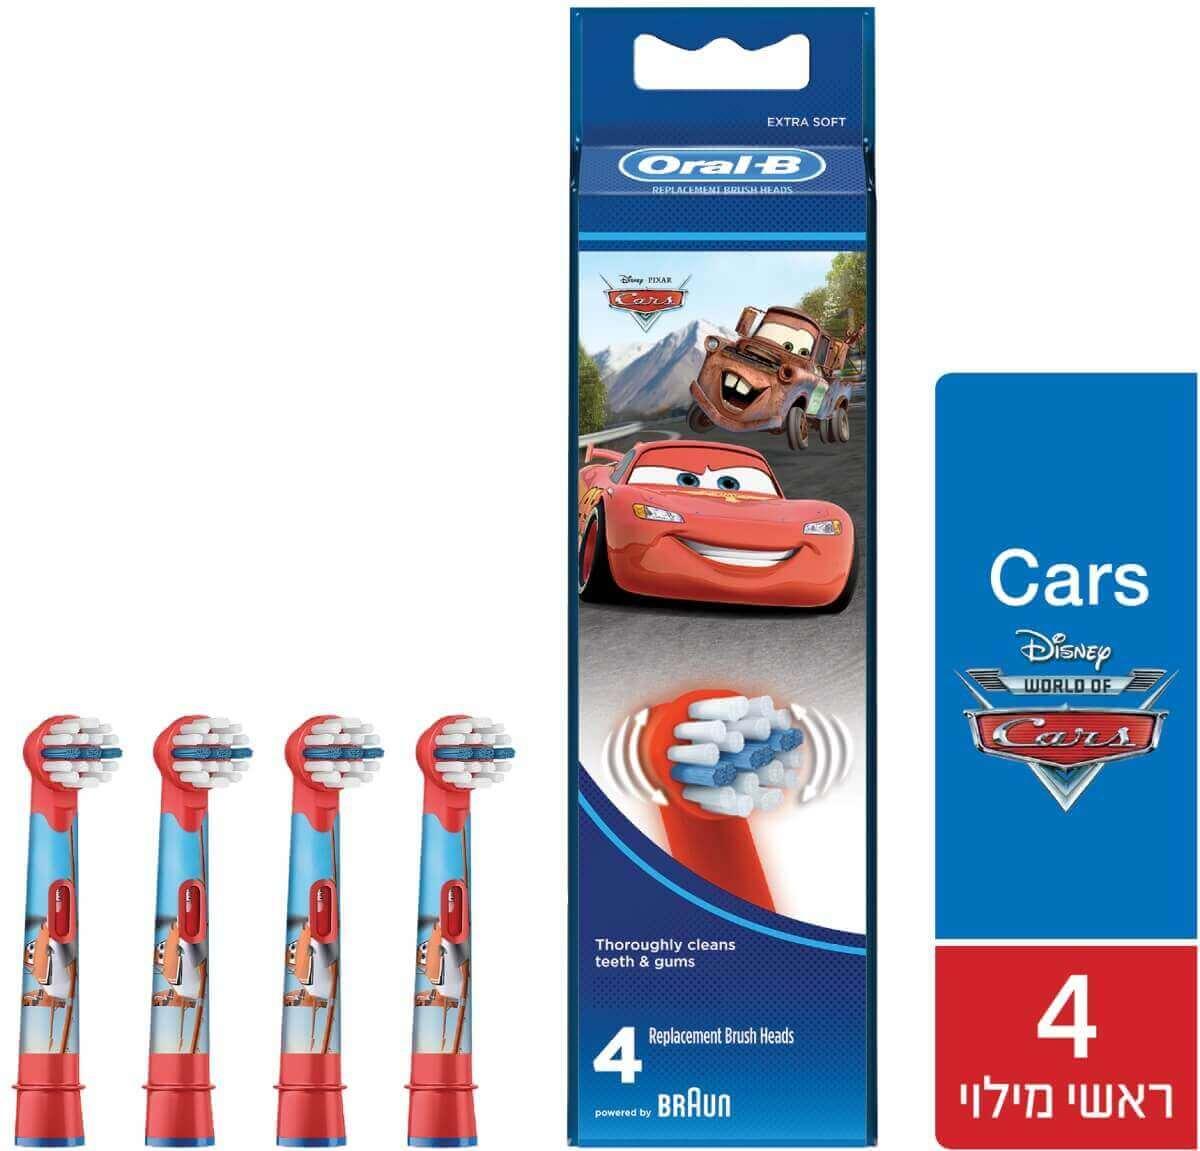 אורל בי ראש למברשת שיניים חשמלית לילדים קארס - 4 יחידותתמונה של